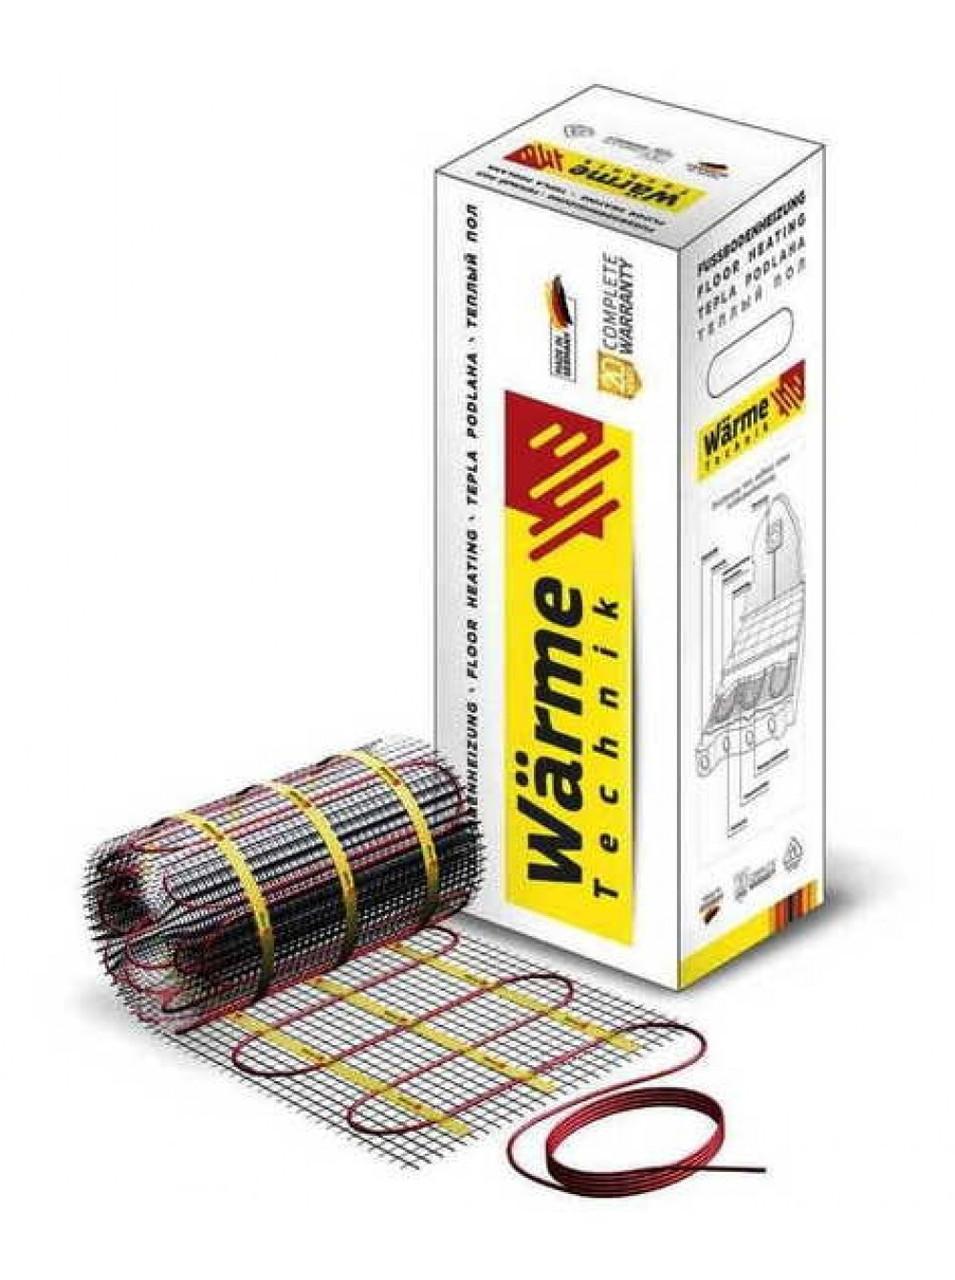 Нагревательный мат Wärme Twin mat   5.0 м²  750 W